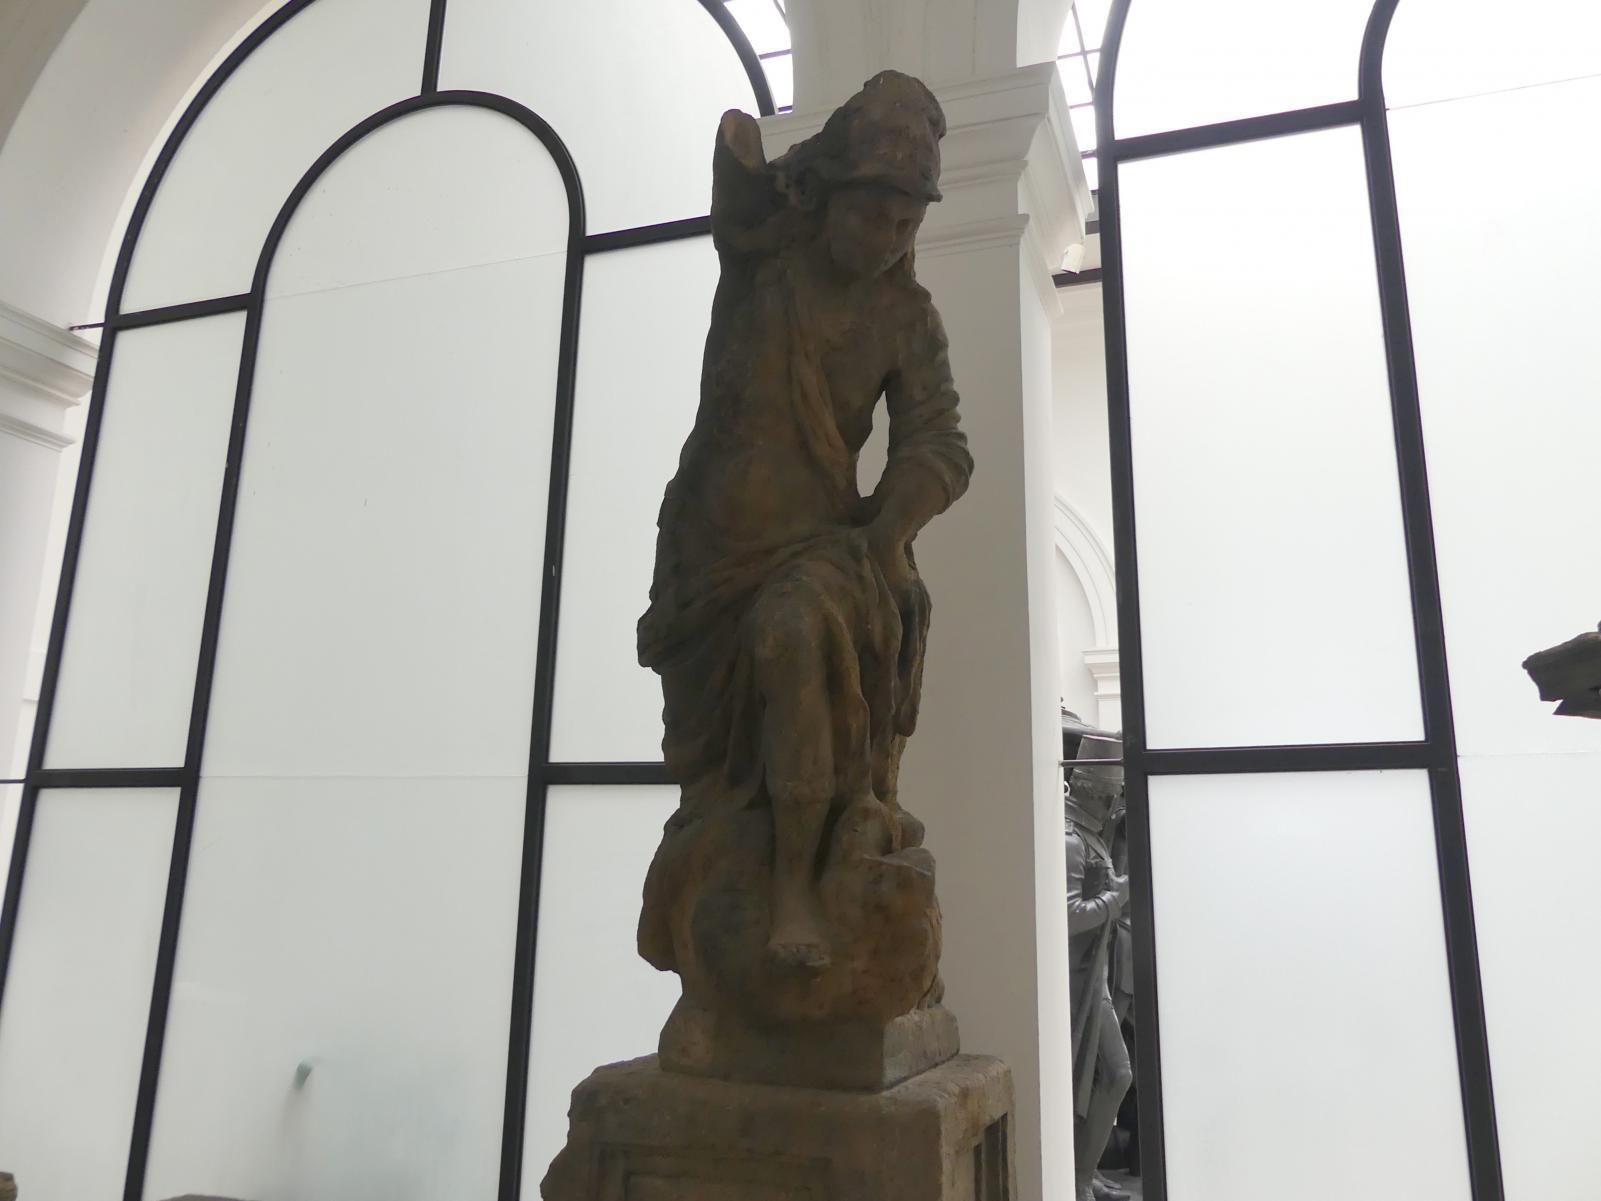 Johann Georg Bendl: Engel, der mit einem Drachen kämpft, 1650